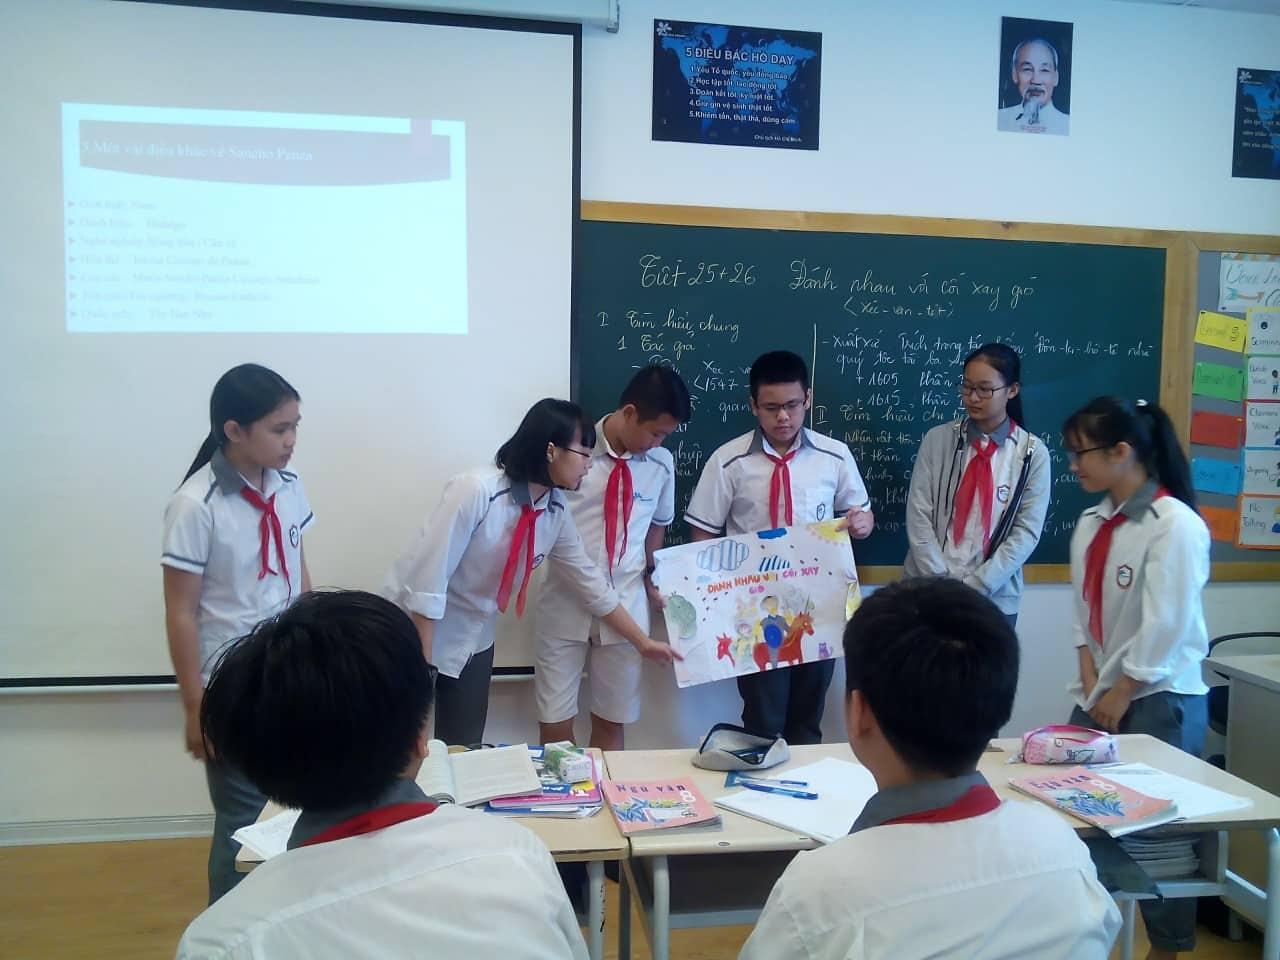 Đã có nhiều ý kiến đề xuất đa dạng hóa hình thái giờ học với bài giảng một chiều. Trong ảnh: Trình bày nhóm trong một giờ Ngữ văn lớp 8 ở Trường THCS-THPT Ban Mai, Hà Nội. Ảnh: khampha.vn